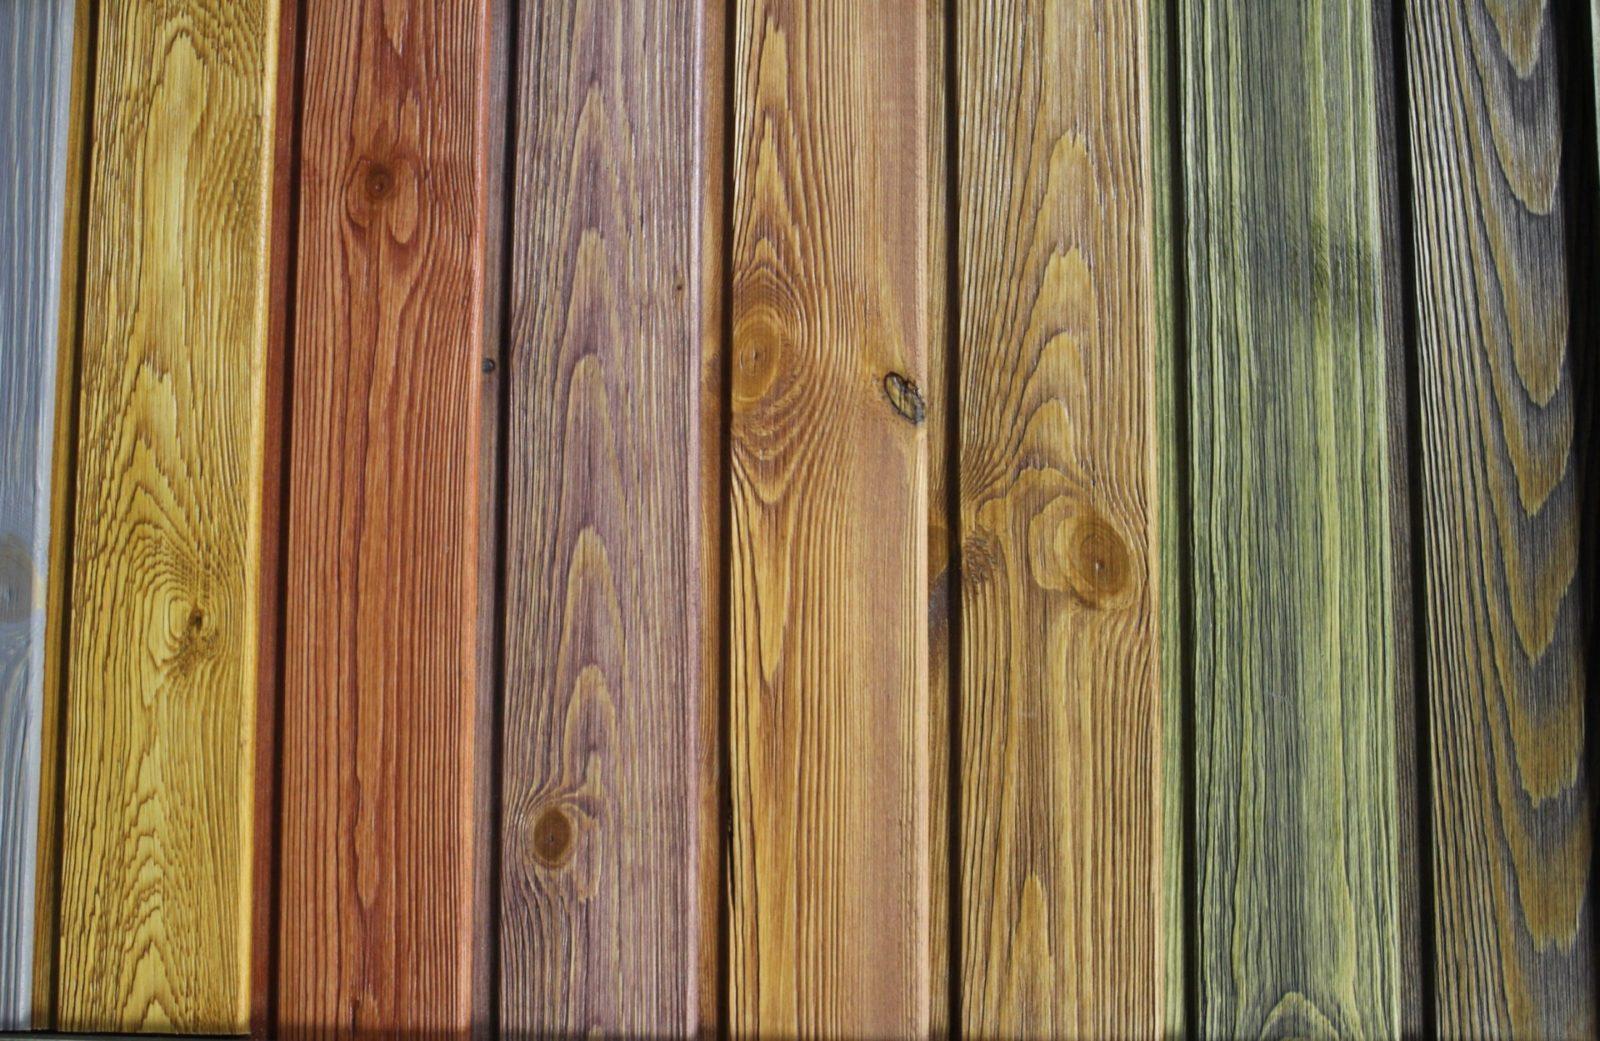 Вагонка и евровагонка – идеальная деревянная отделка